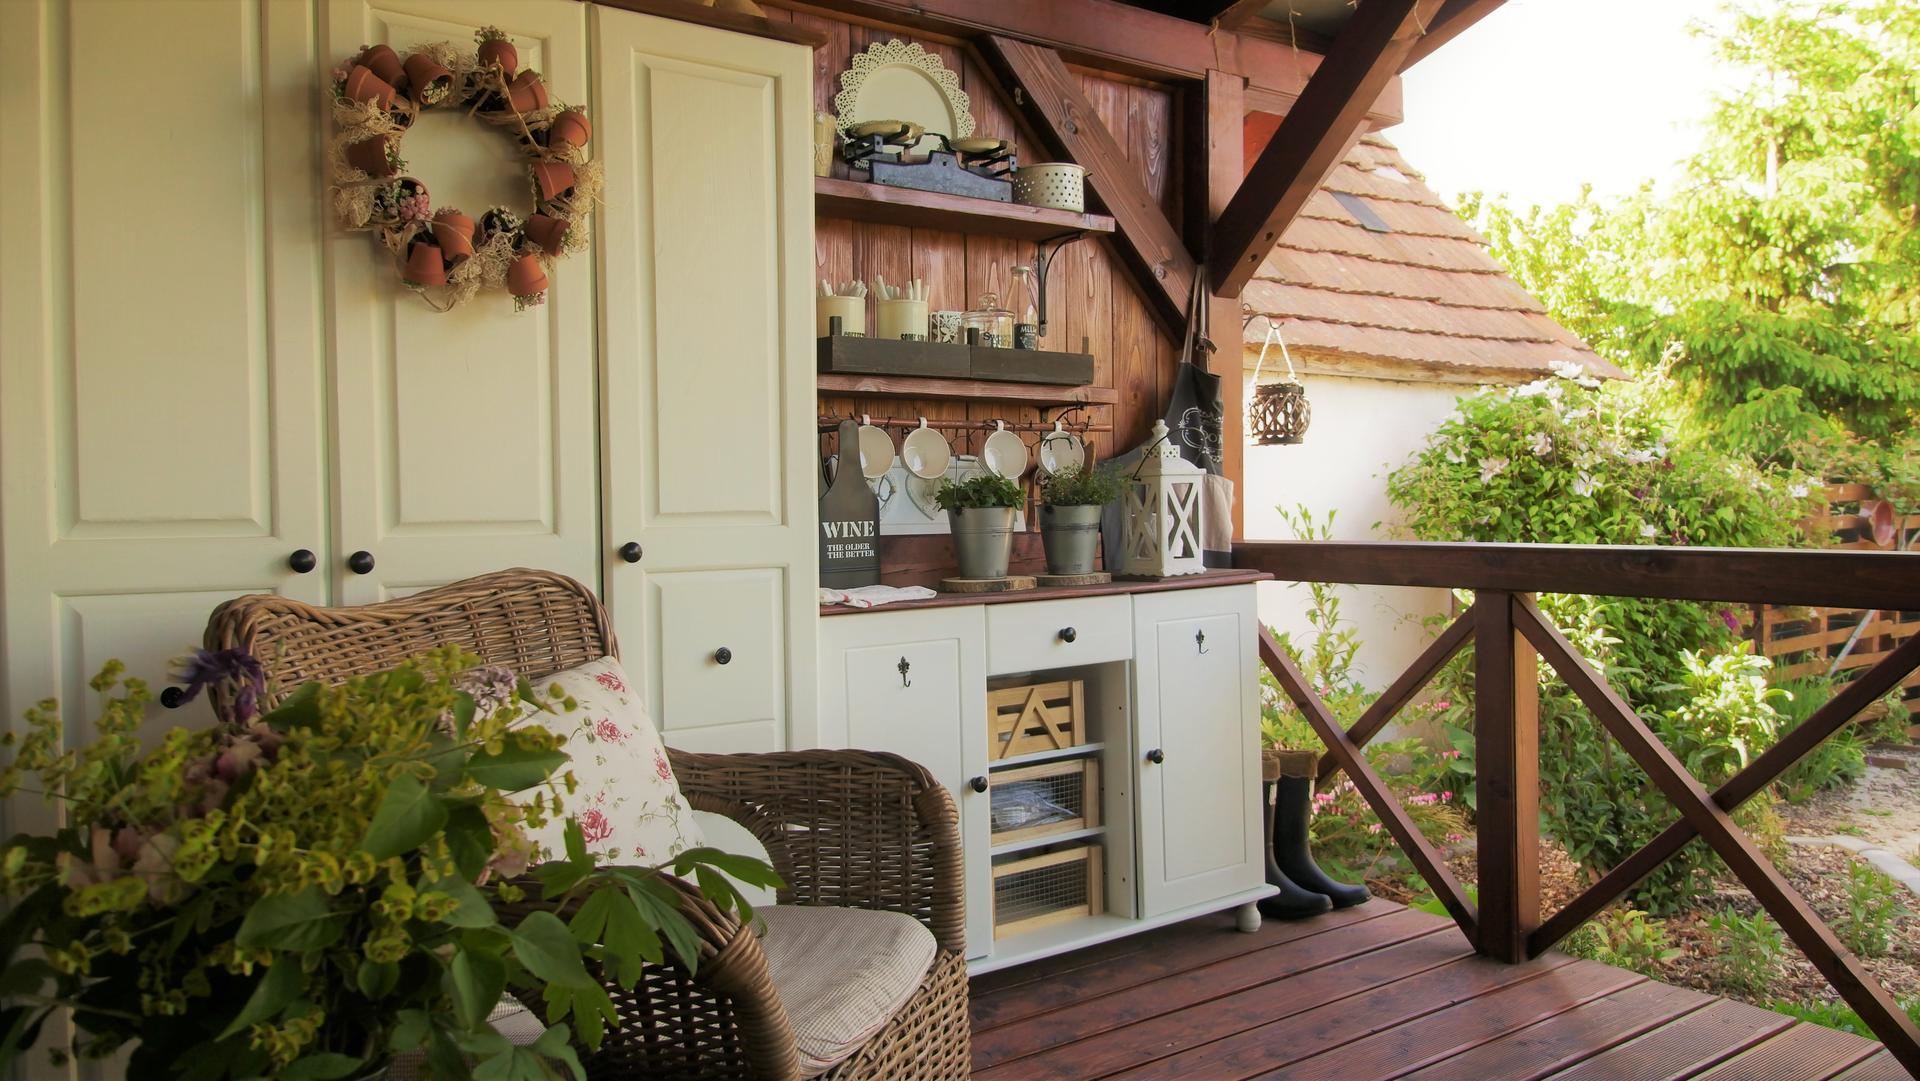 Náš domček ♡ Bramasole ♡ ... Stilo interiér aj exteriér 4. rok bývania - Obrázok č. 99